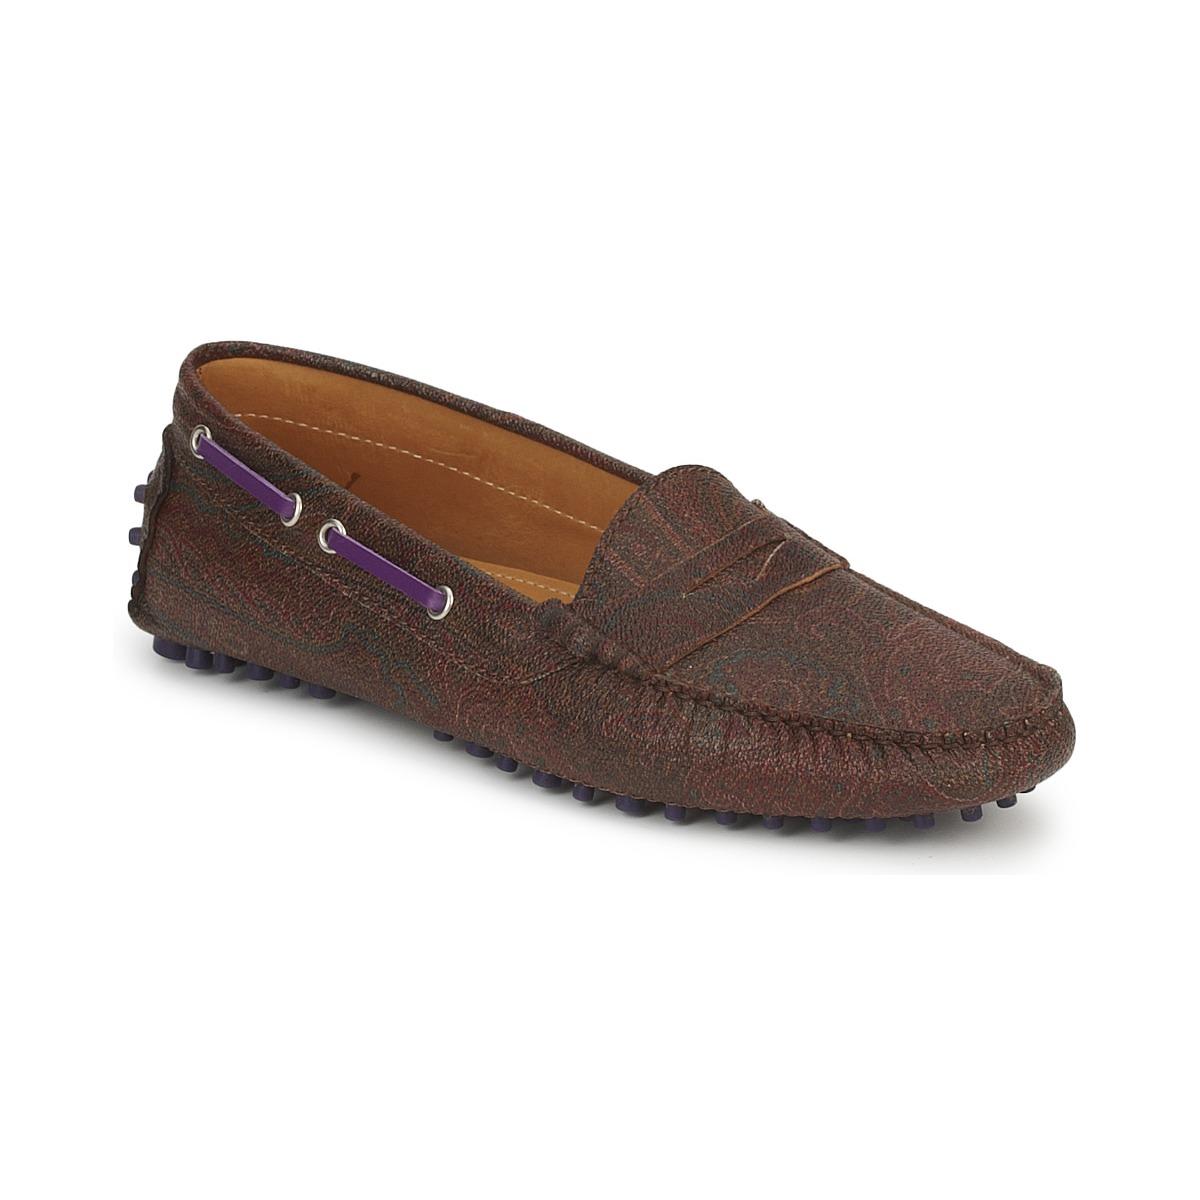 Etro MOCASSIN 3706 Violett - Kostenloser Versand bei Spartoode ! - Schuhe Slipper Damen 159,50 €